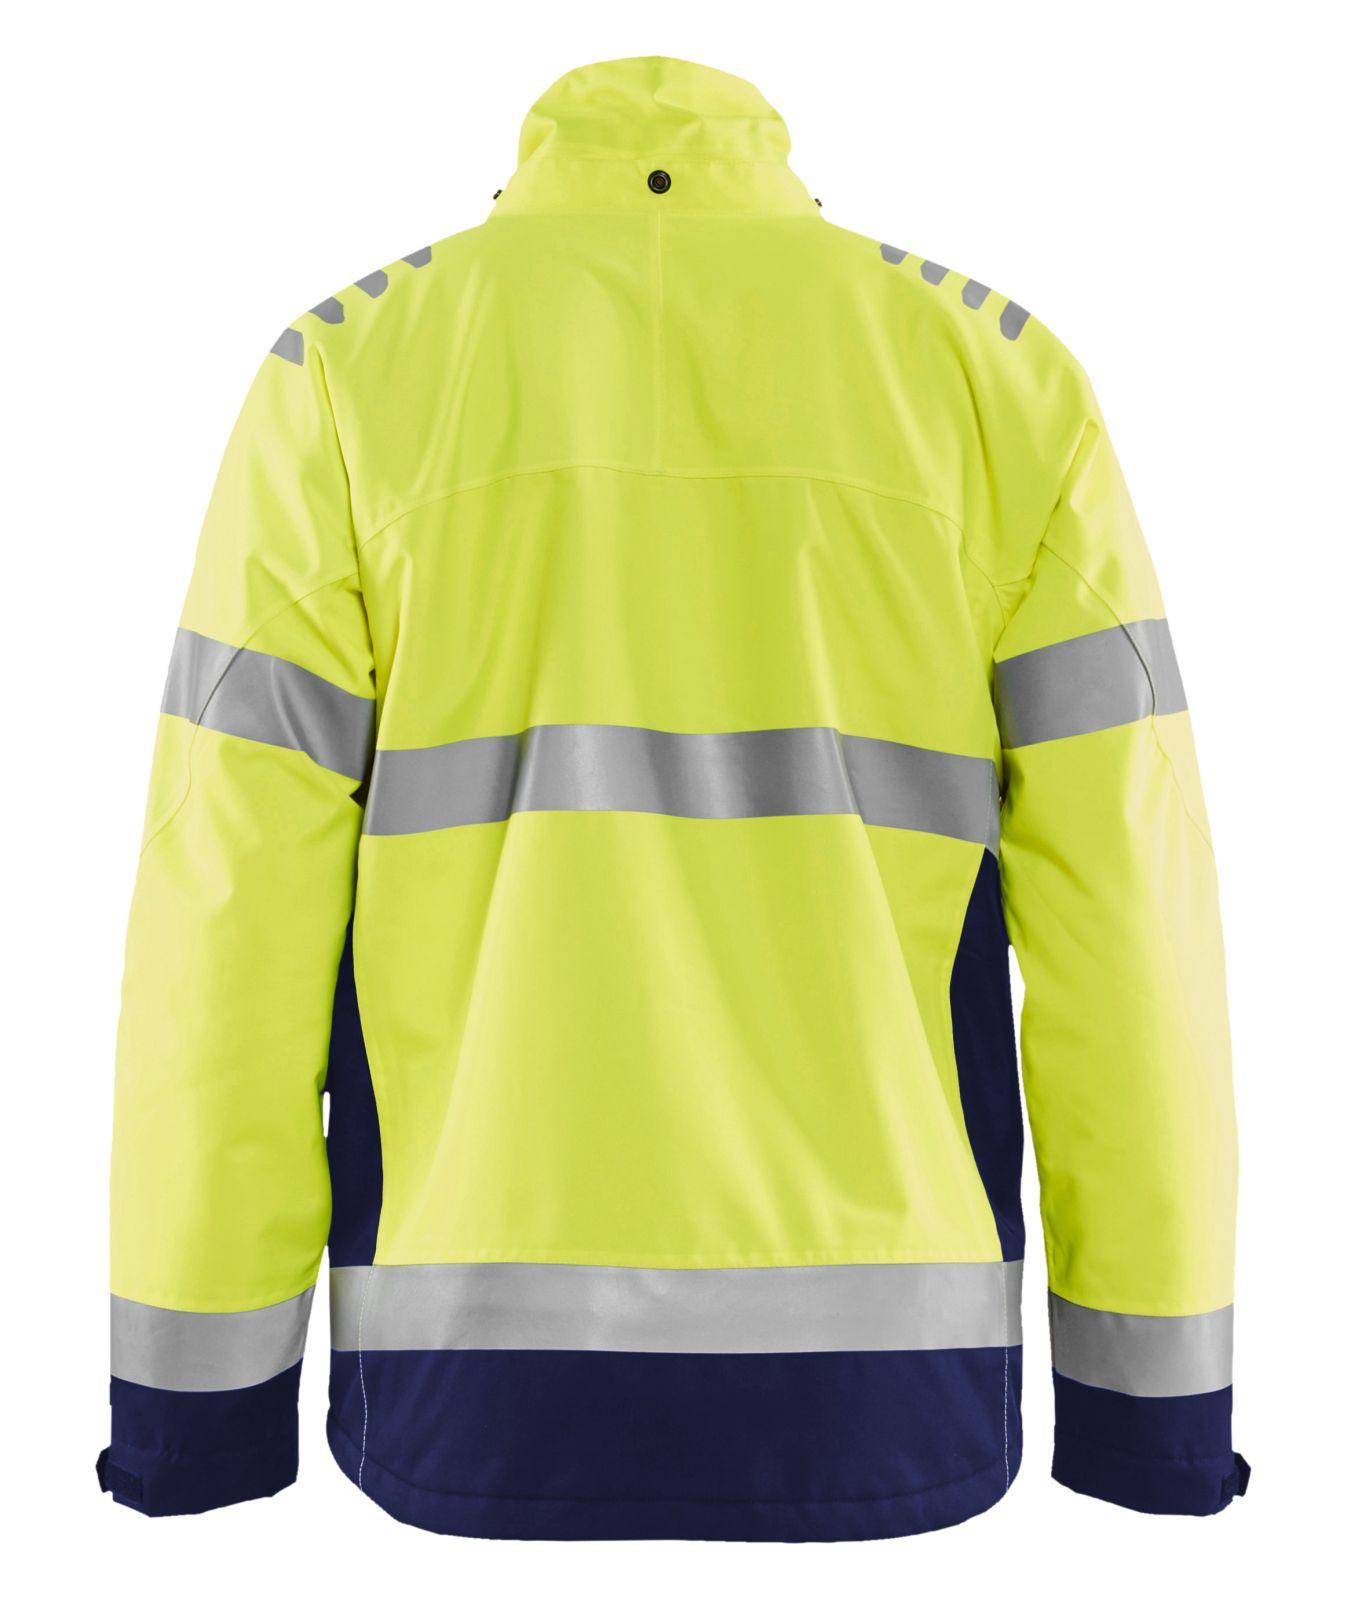 Blaklader Jassen 47801977 High Vis fluo geel-marineblauw(3389)